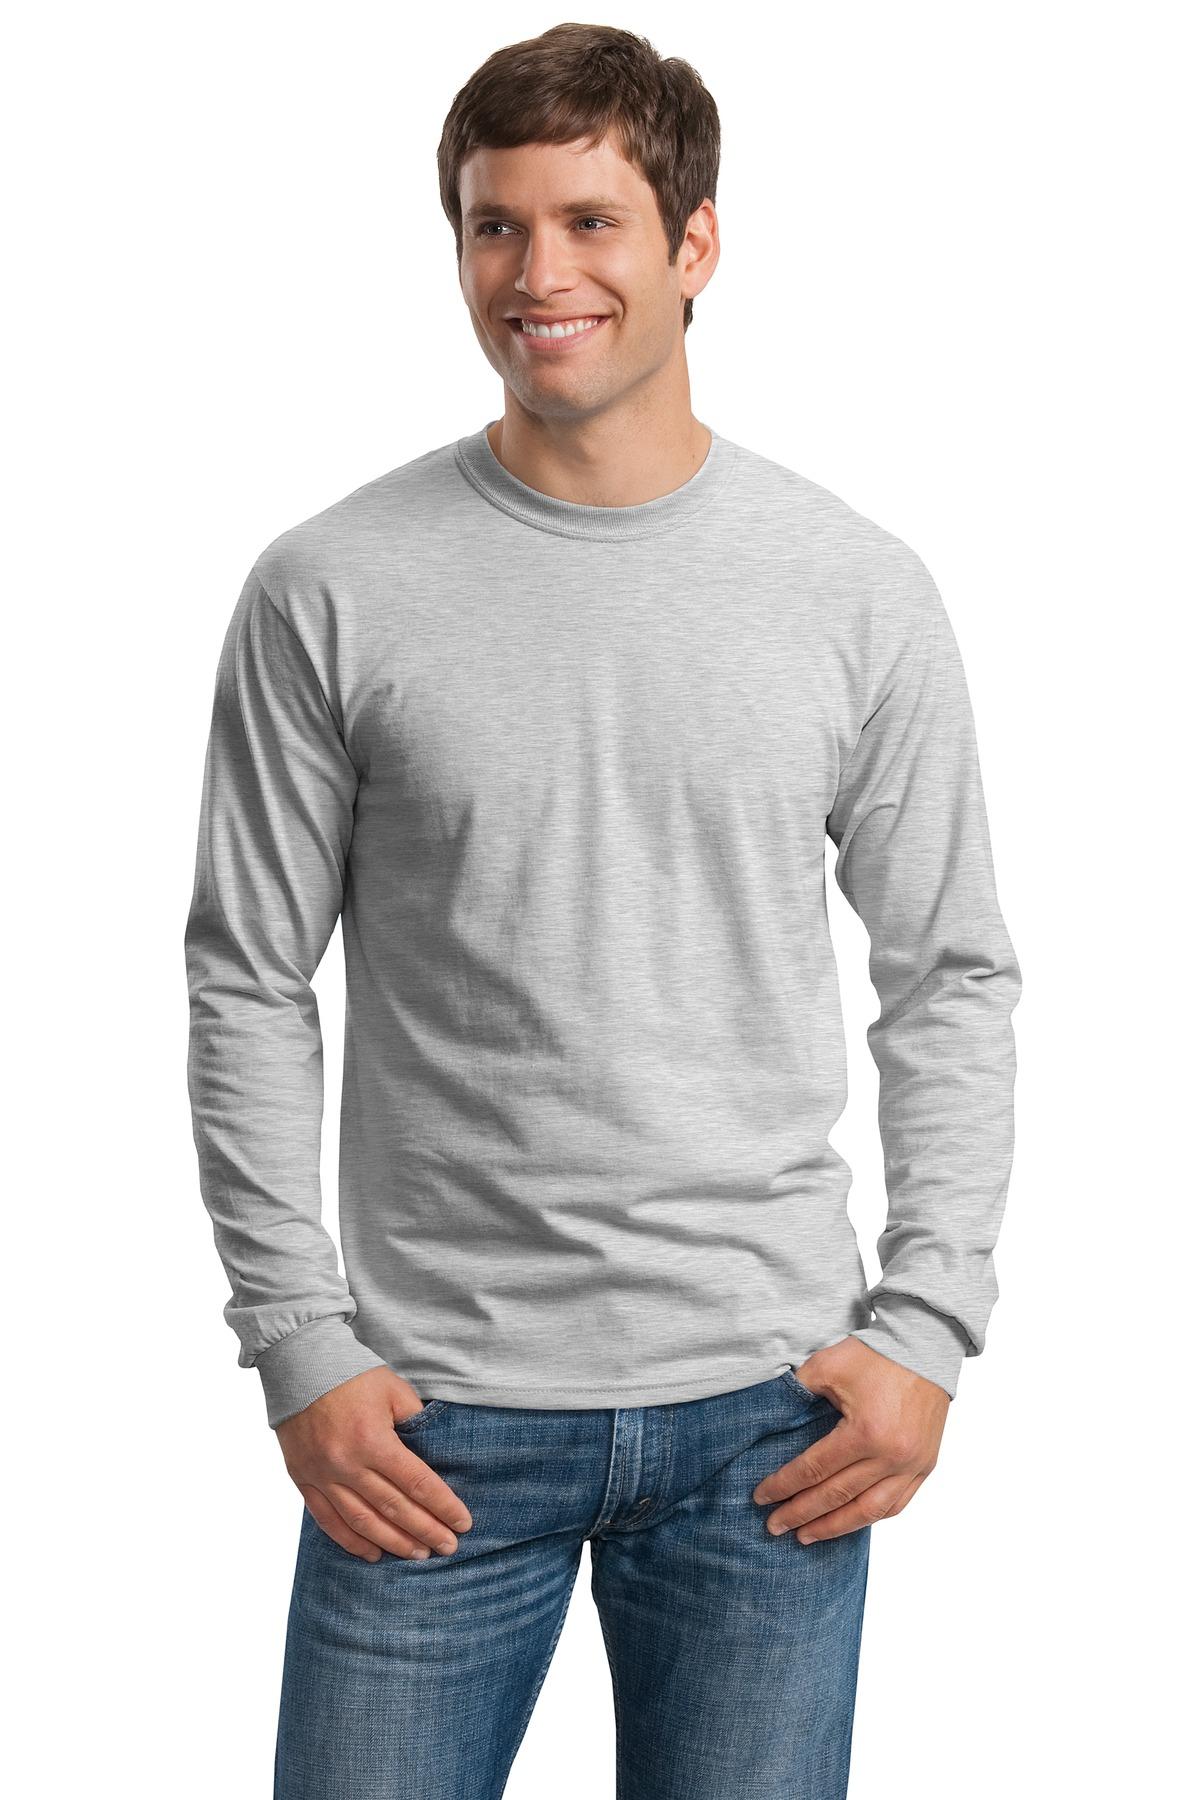 fdf7295d2ff1 Gildan ® – Ultra Cotton ® 100% Cotton Long Sleeve T-Shirt. G2400 ...